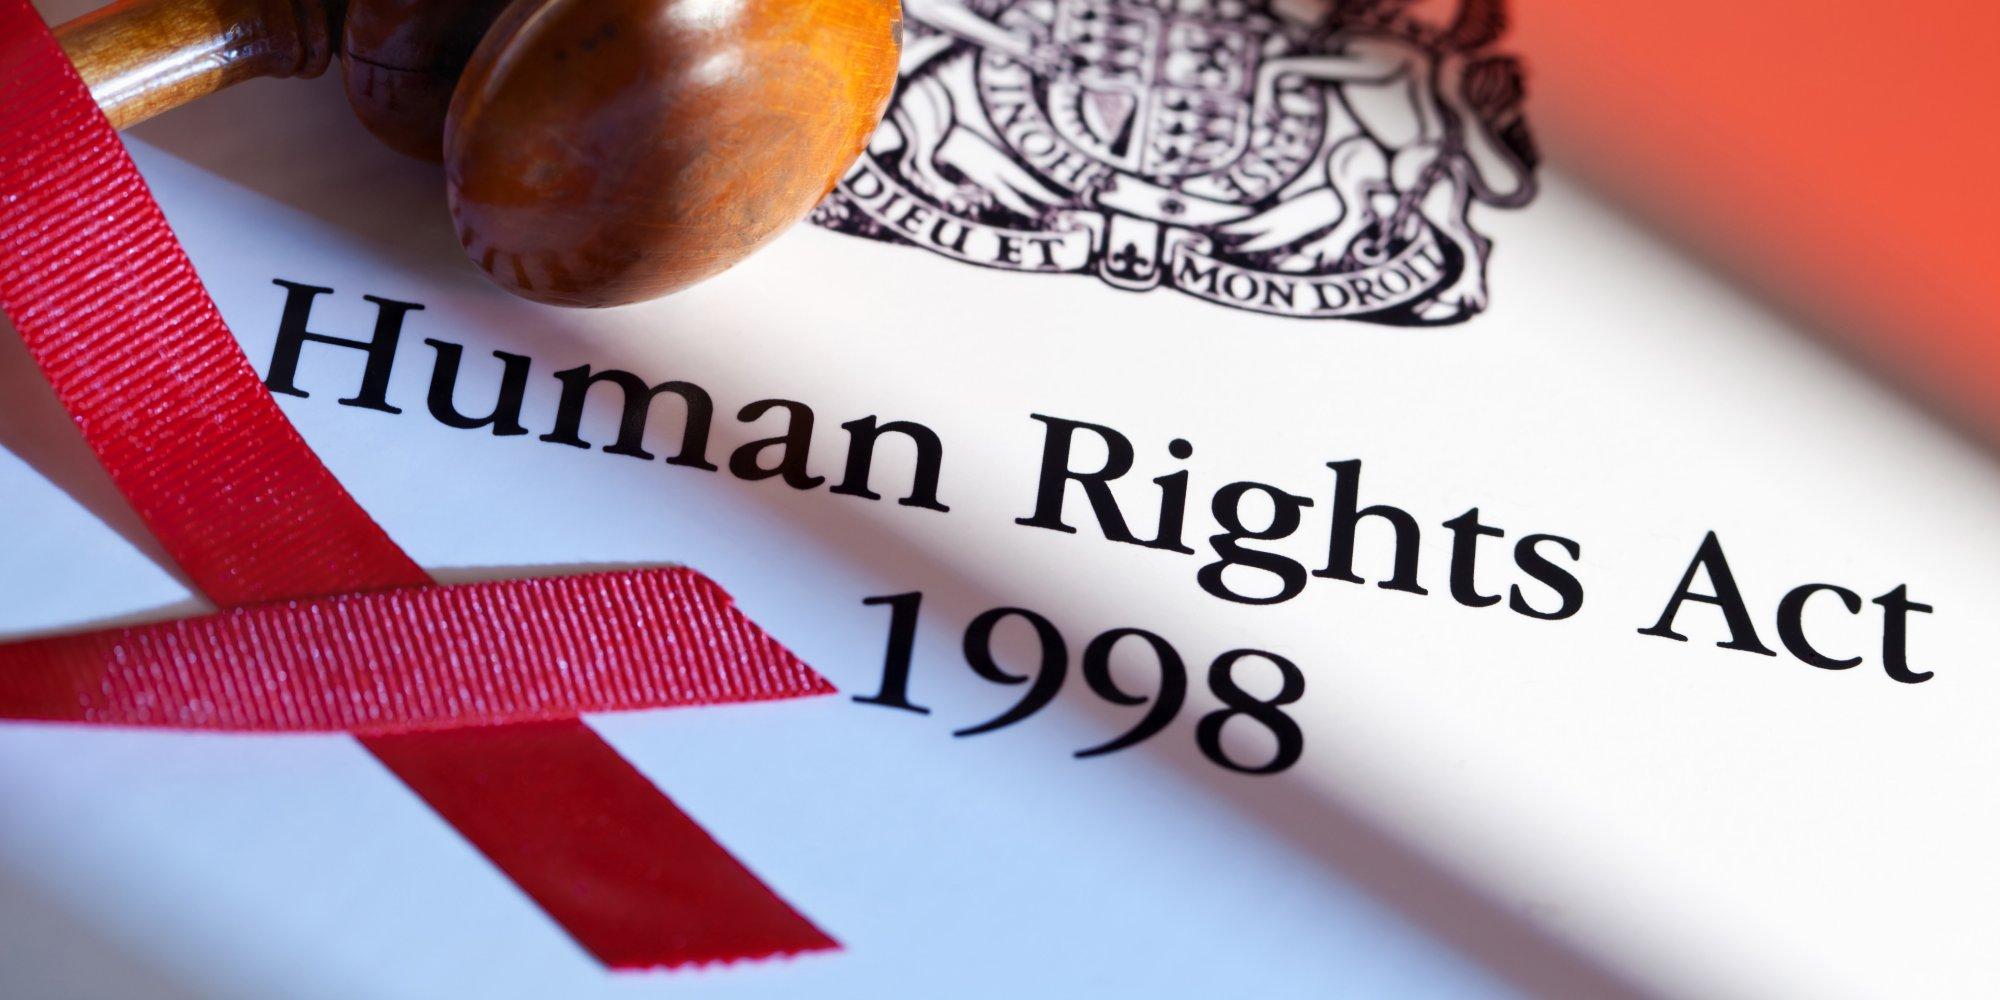 Human rights act 1989